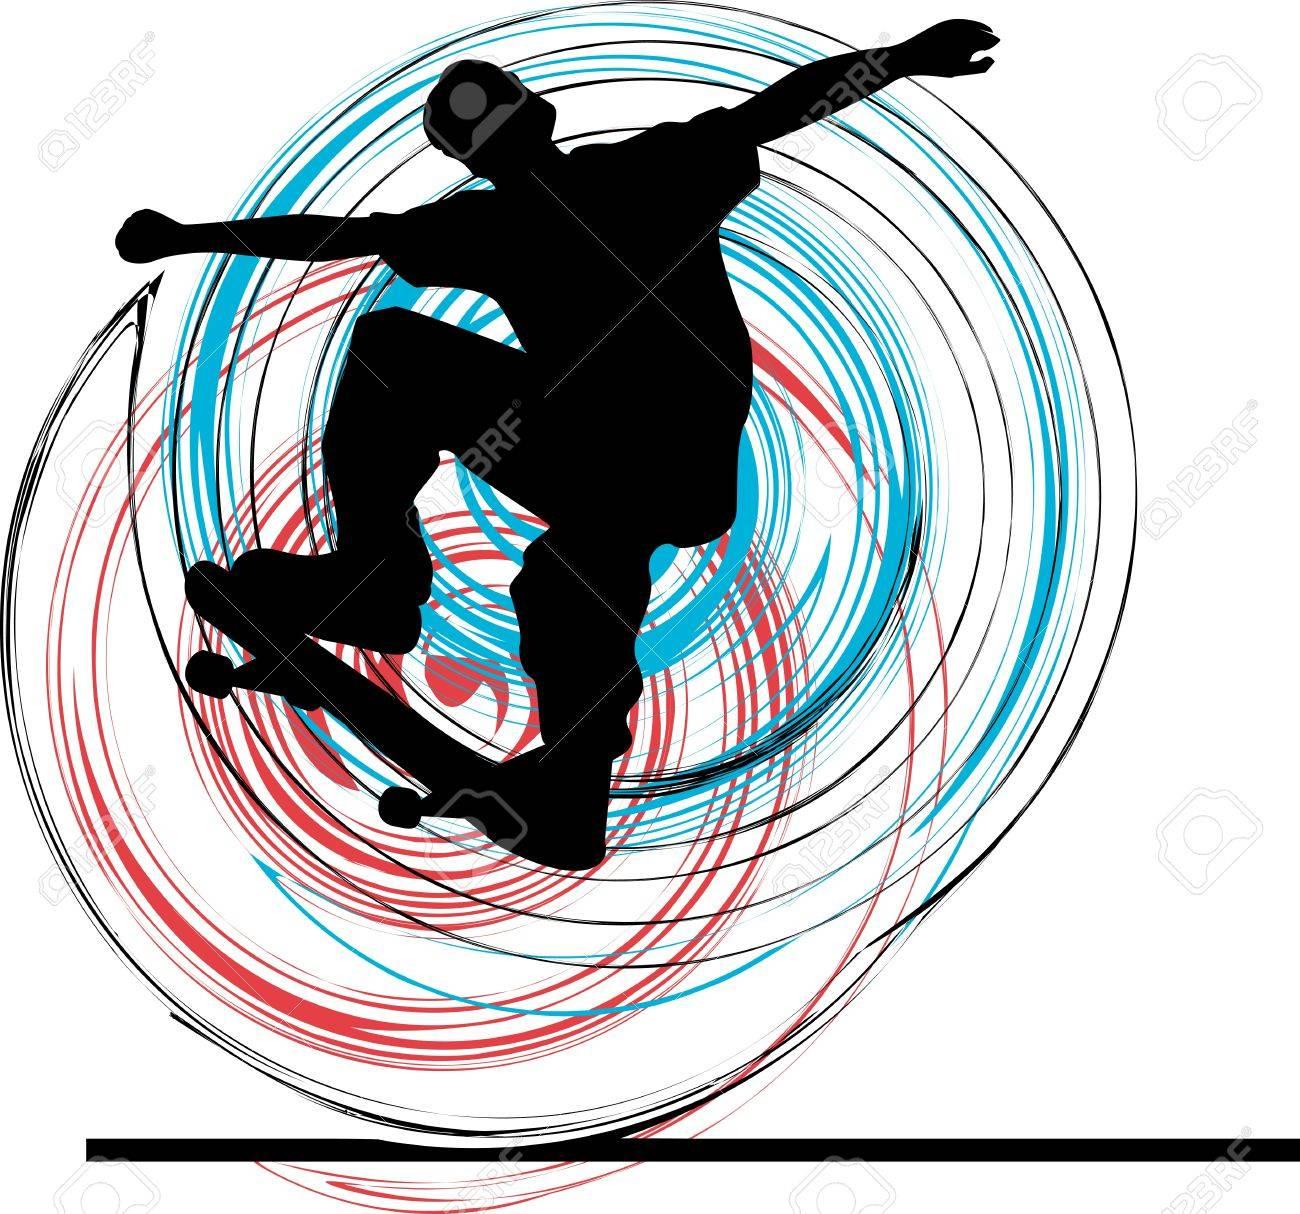 Skater illustration. Vector illustration Stock Vector - 10937036